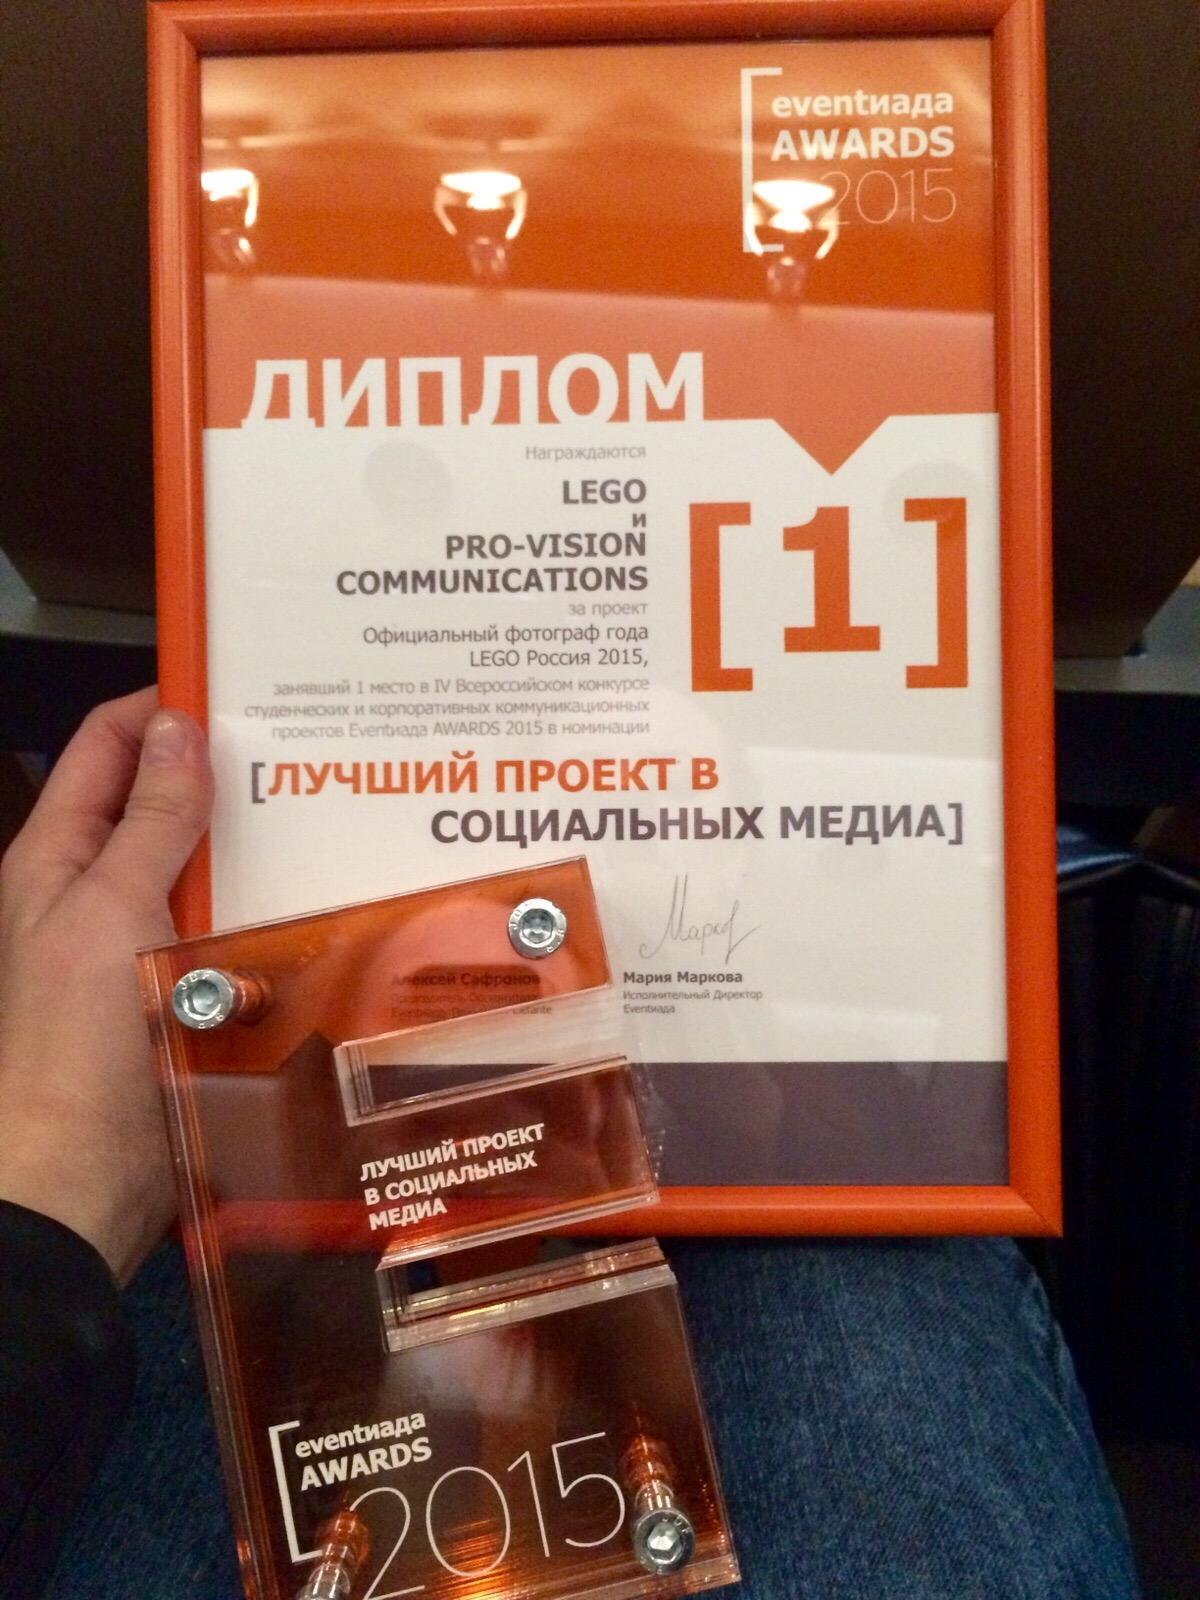 « Официальный фотограф года LEGO╝ Россия 2015» стал лучшим проектом в соцсетях